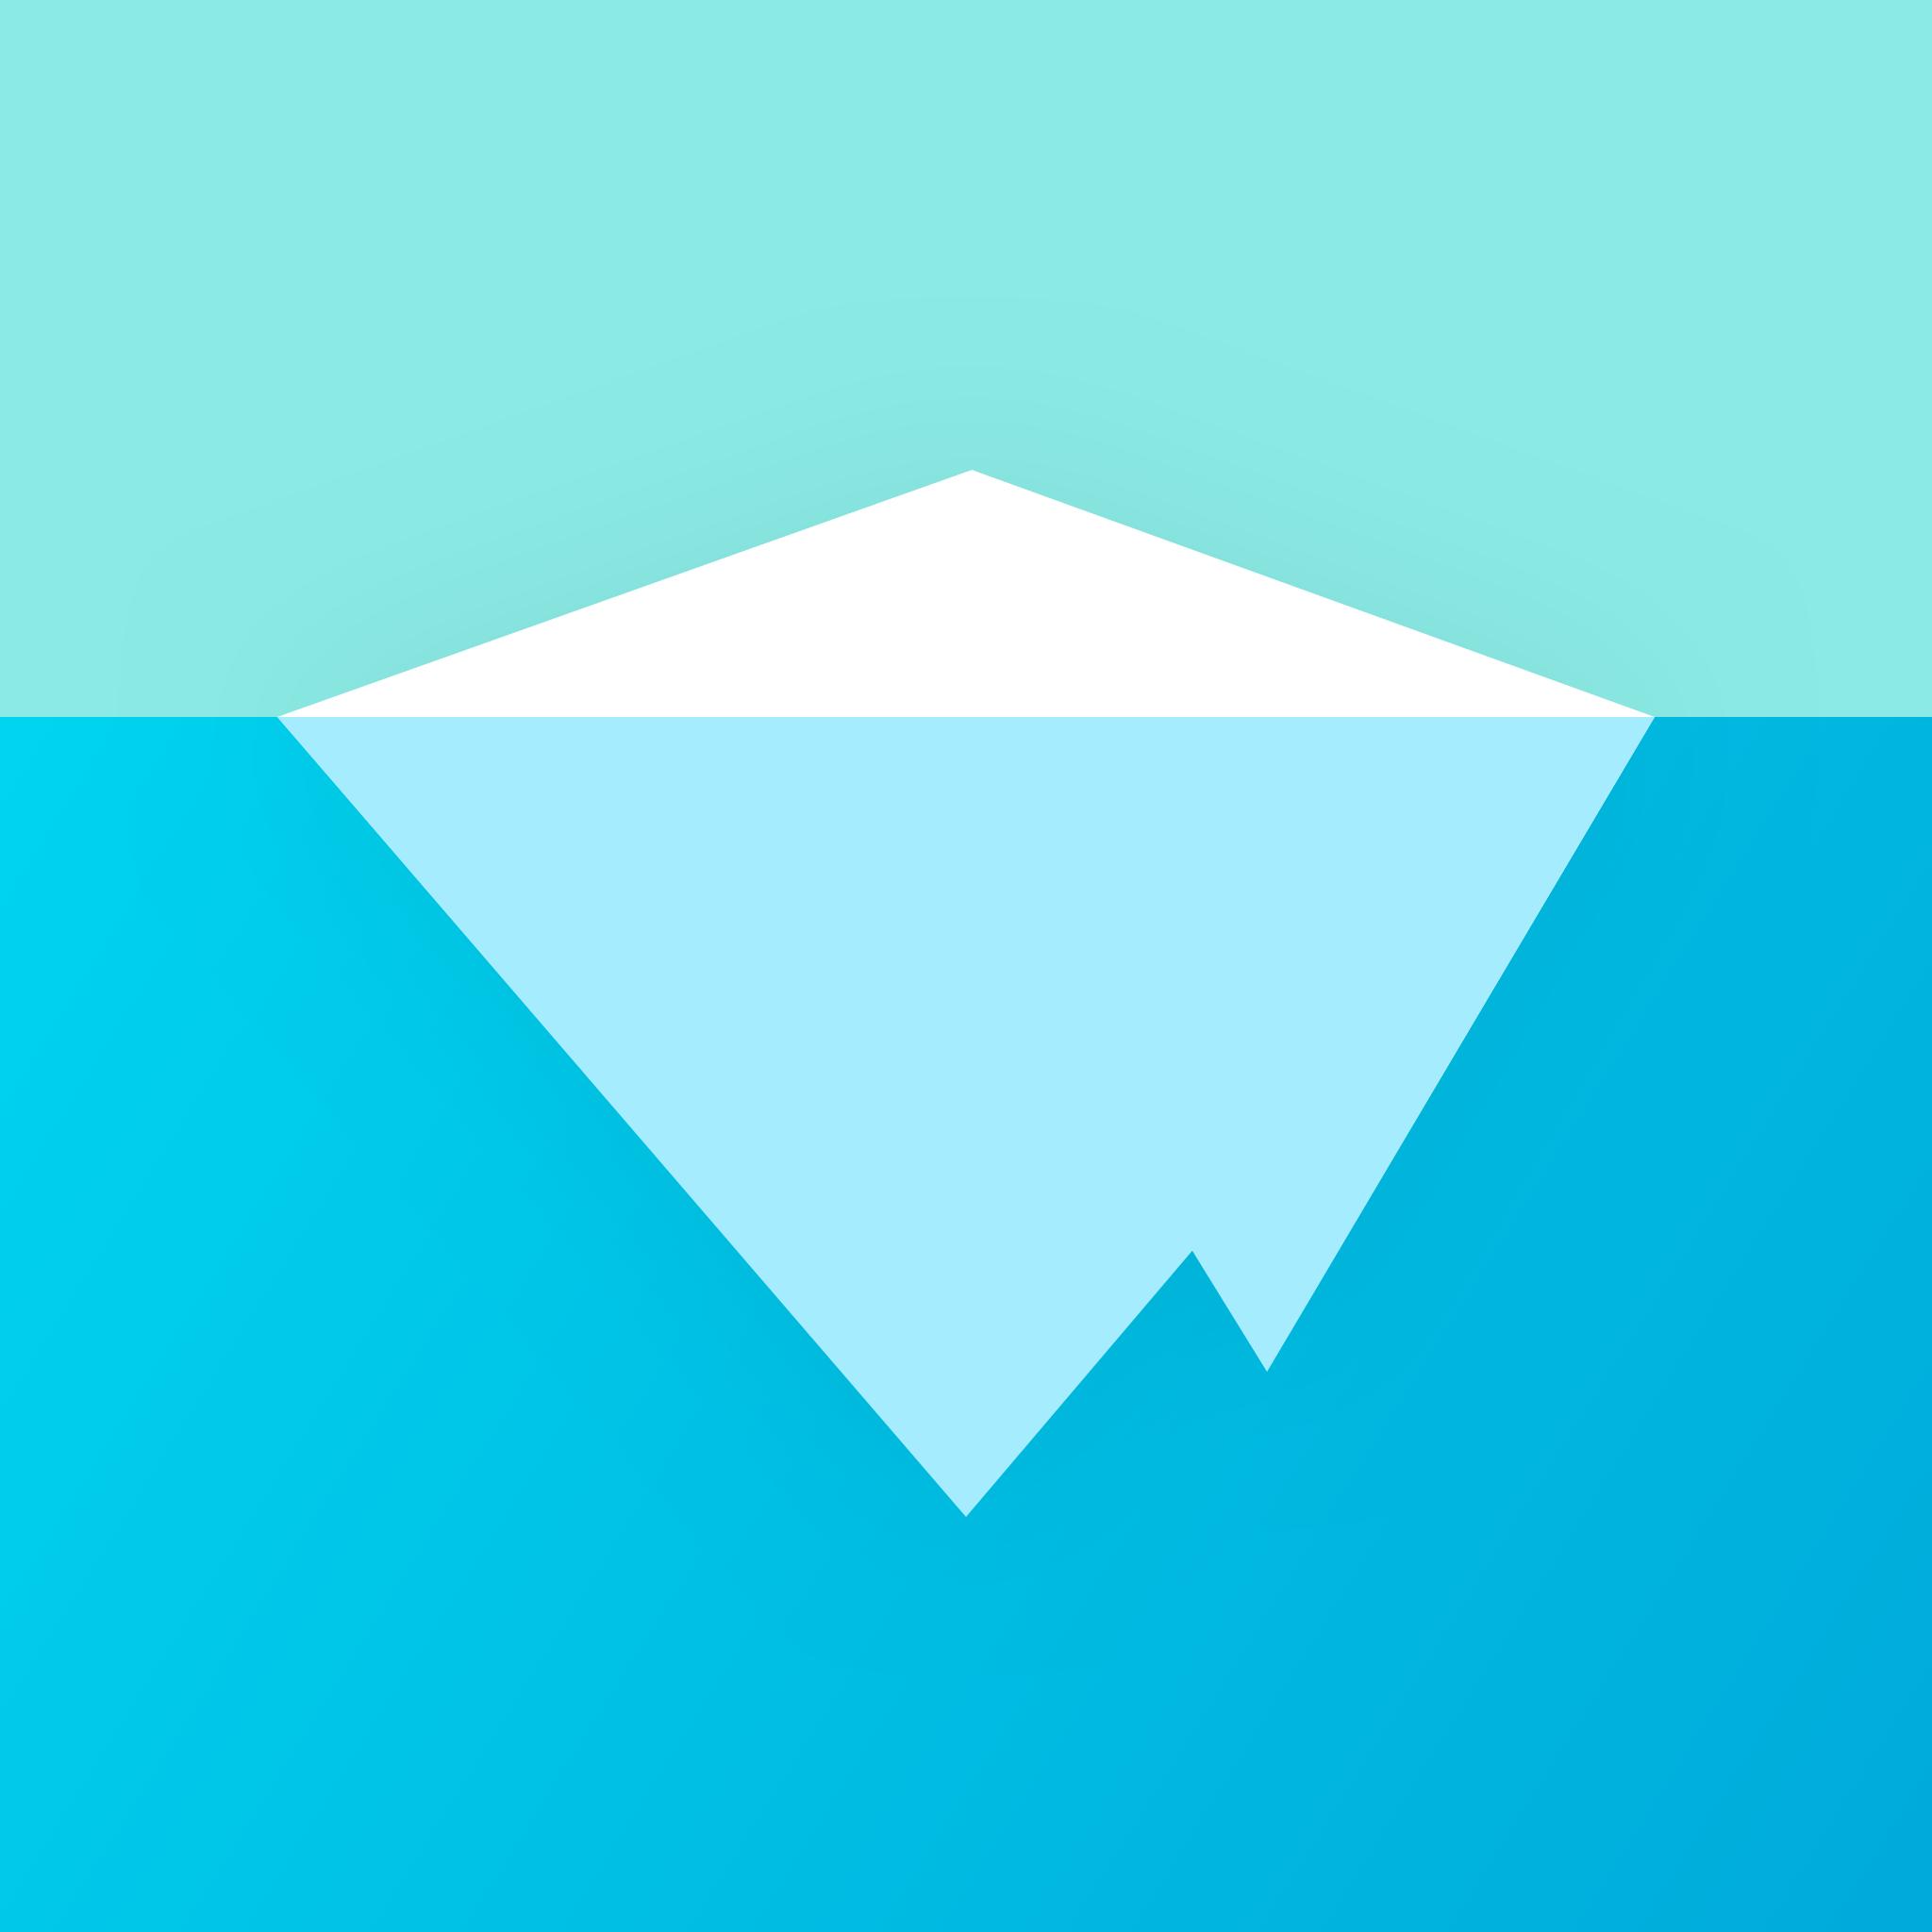 微软小冰岛社交平台v1.0.0 手机版